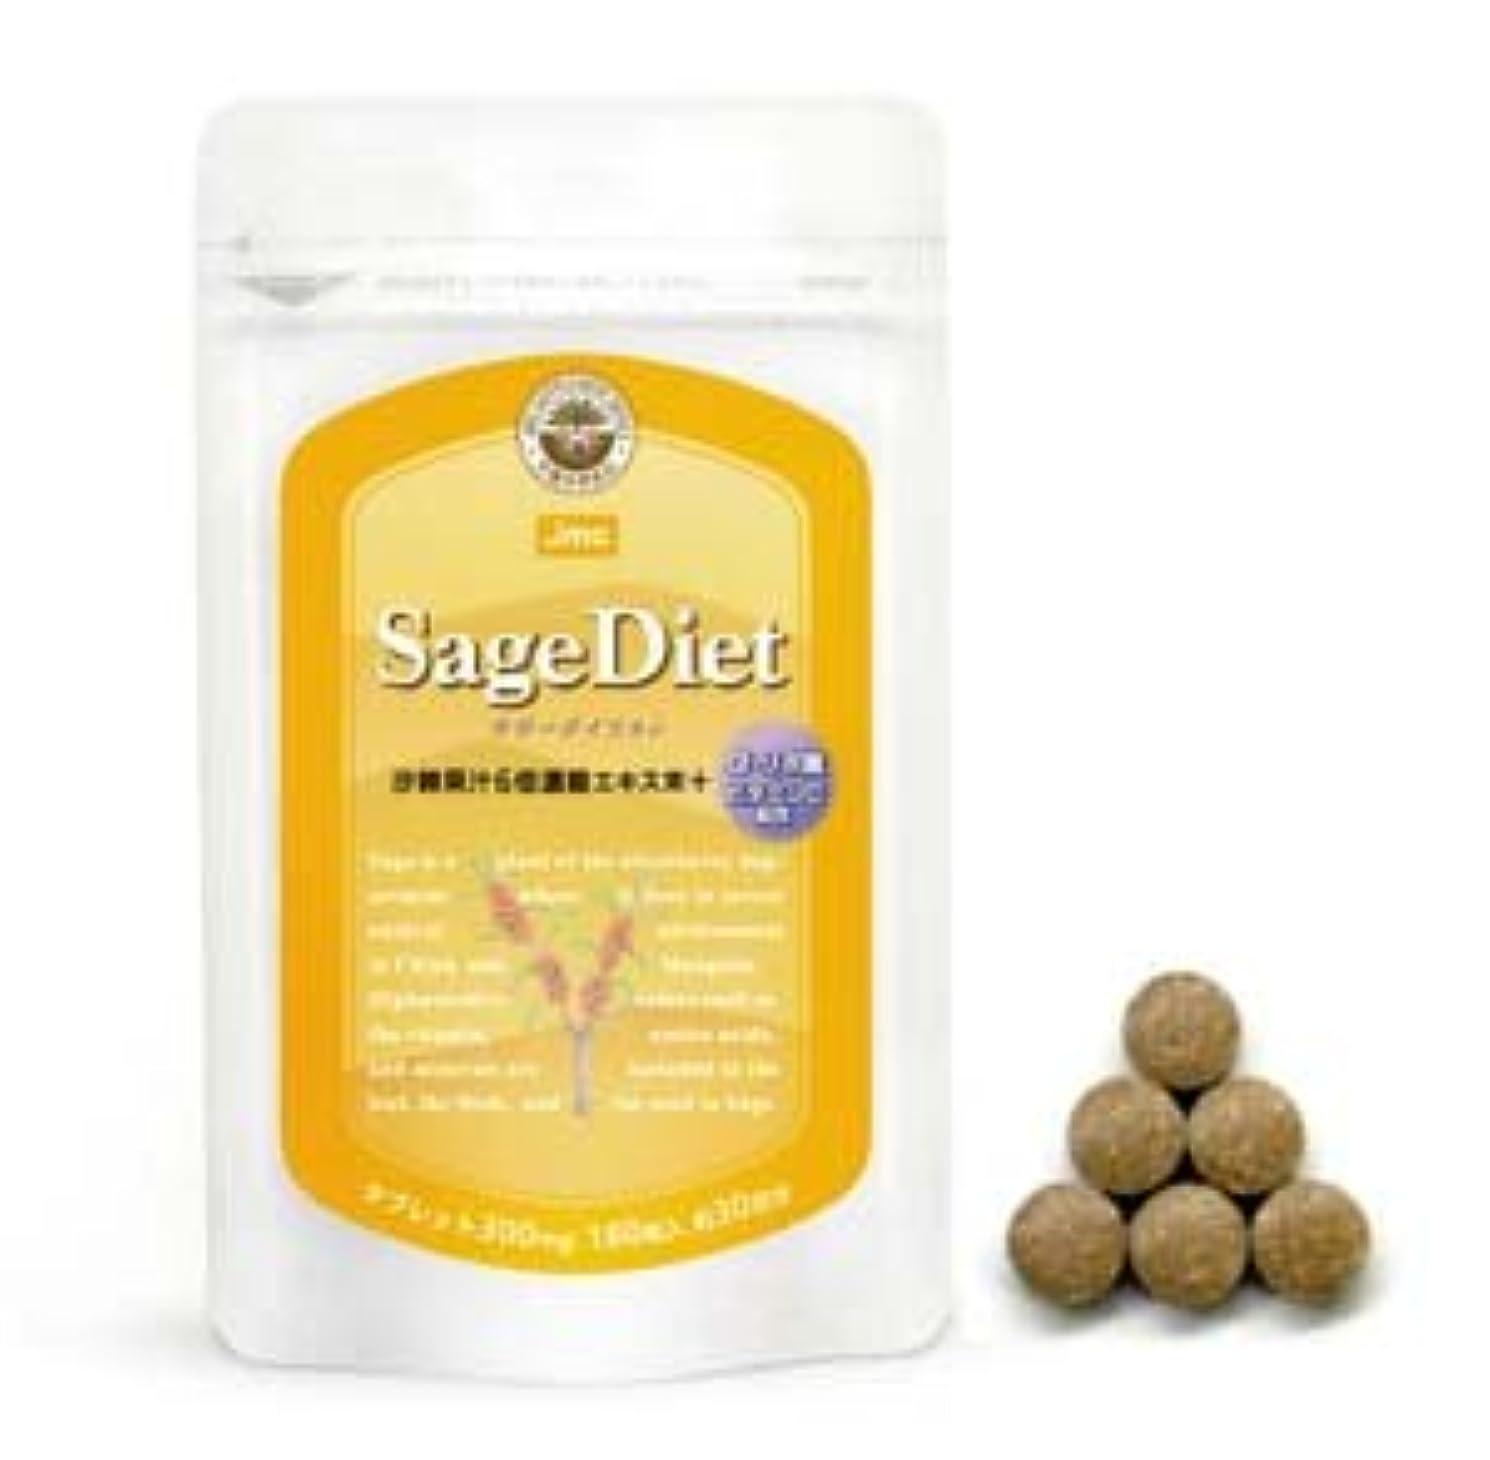 フィードバック裁判官動詞ジェイエムシー Sage Diet(サジーダイエット)  300mg×180粒